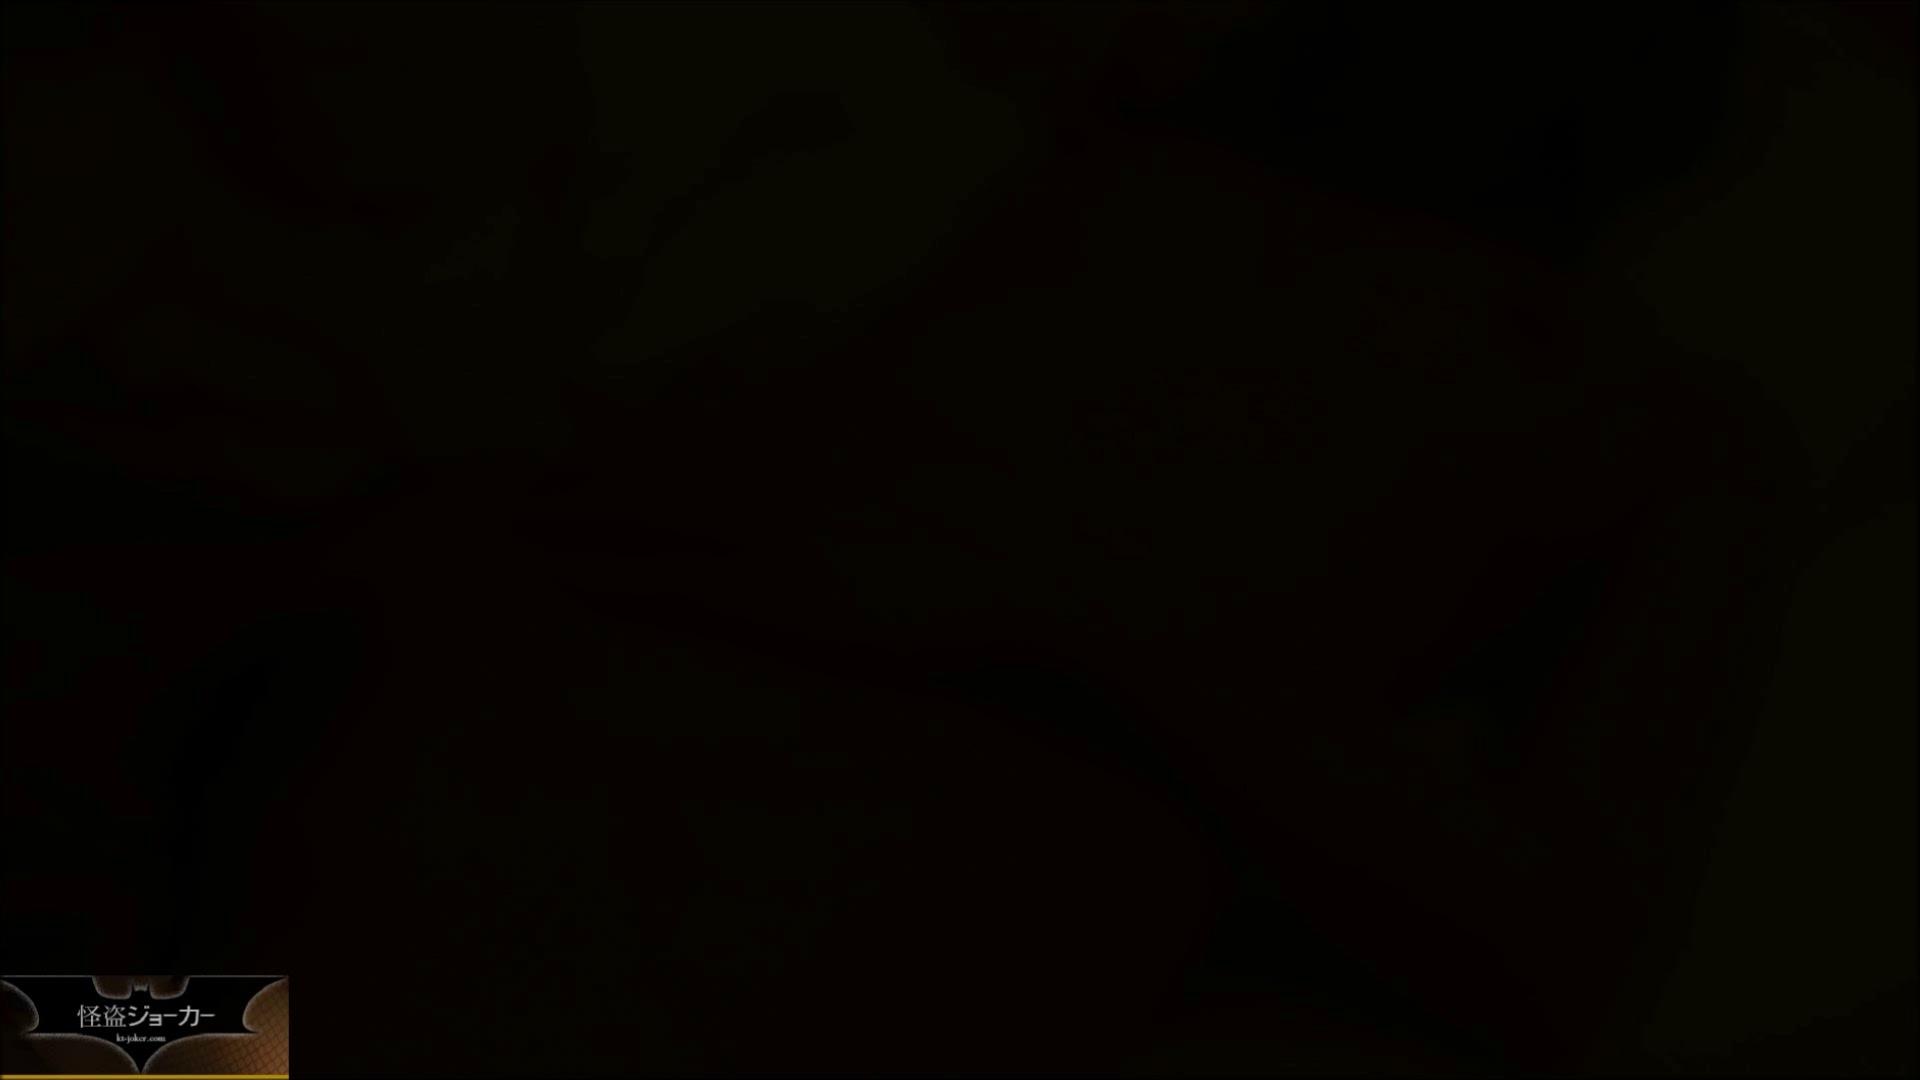 【未公開】vol.31 朋葉を目民り姫にして味比べ・・・ 乳首 のぞきおめこ無修正画像 95連発 89